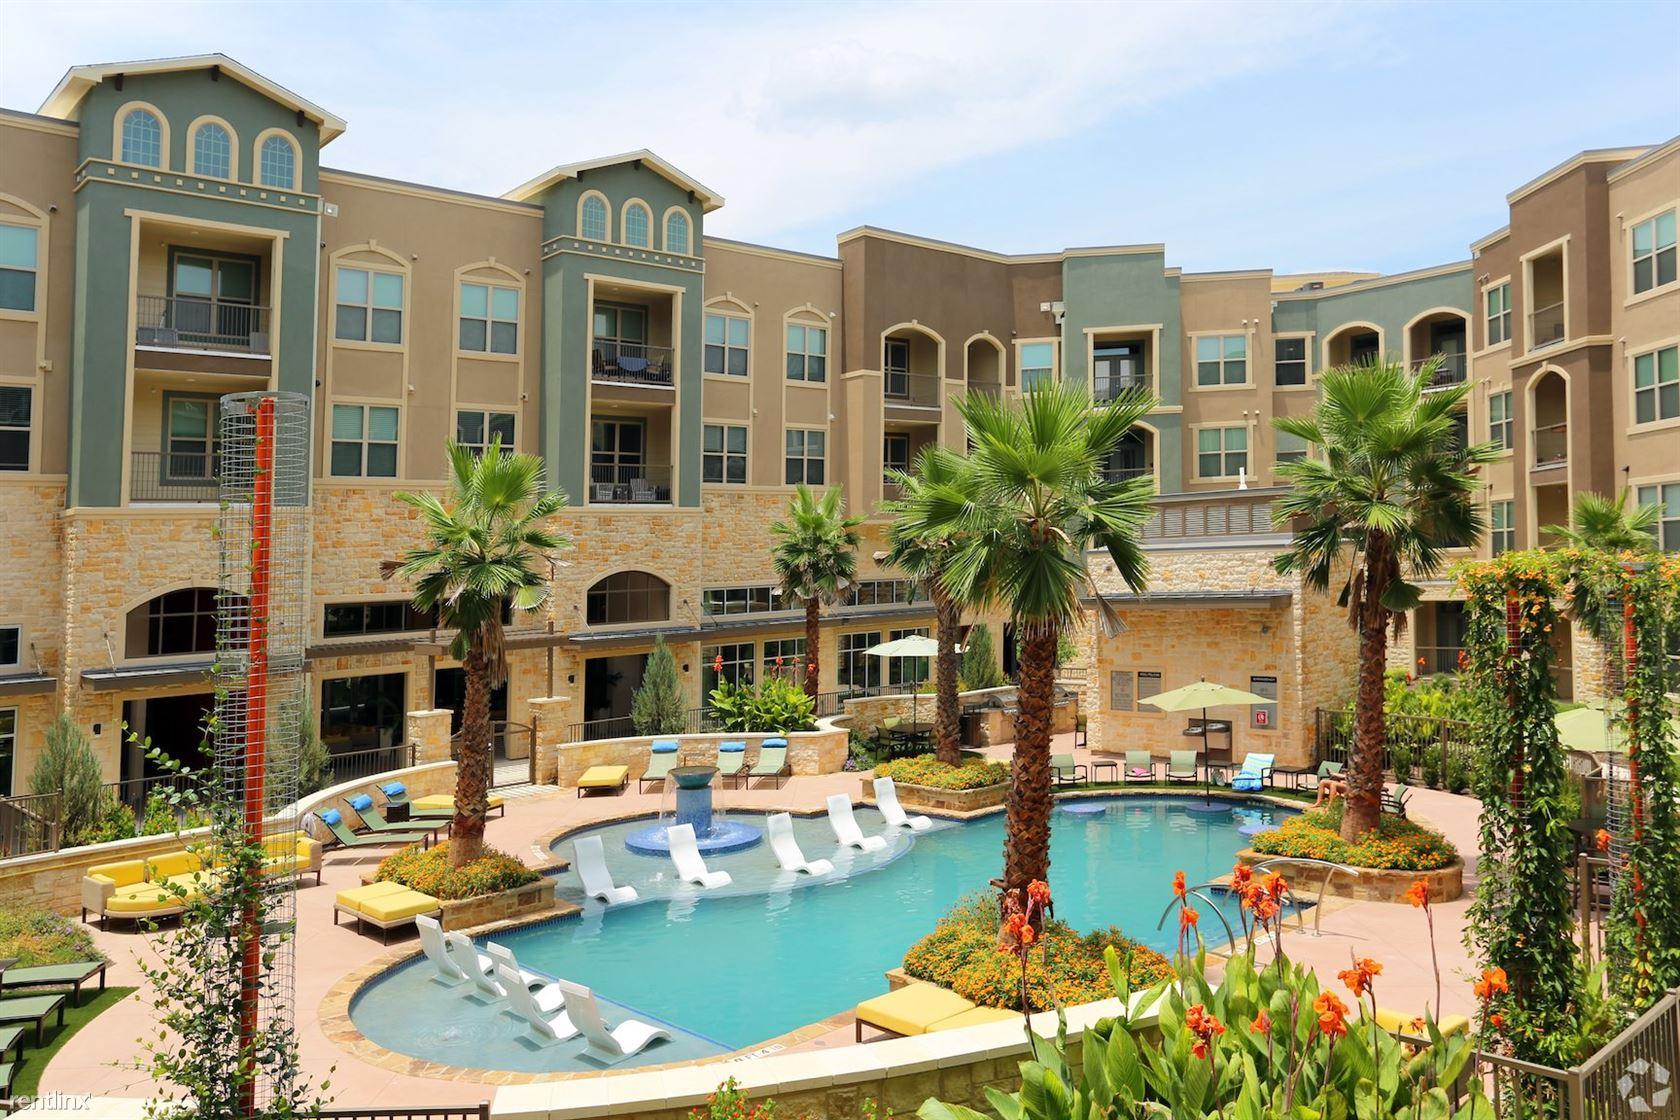 11138 Huebner Oaks, San Antonio, TX - $2,540 USD/ month